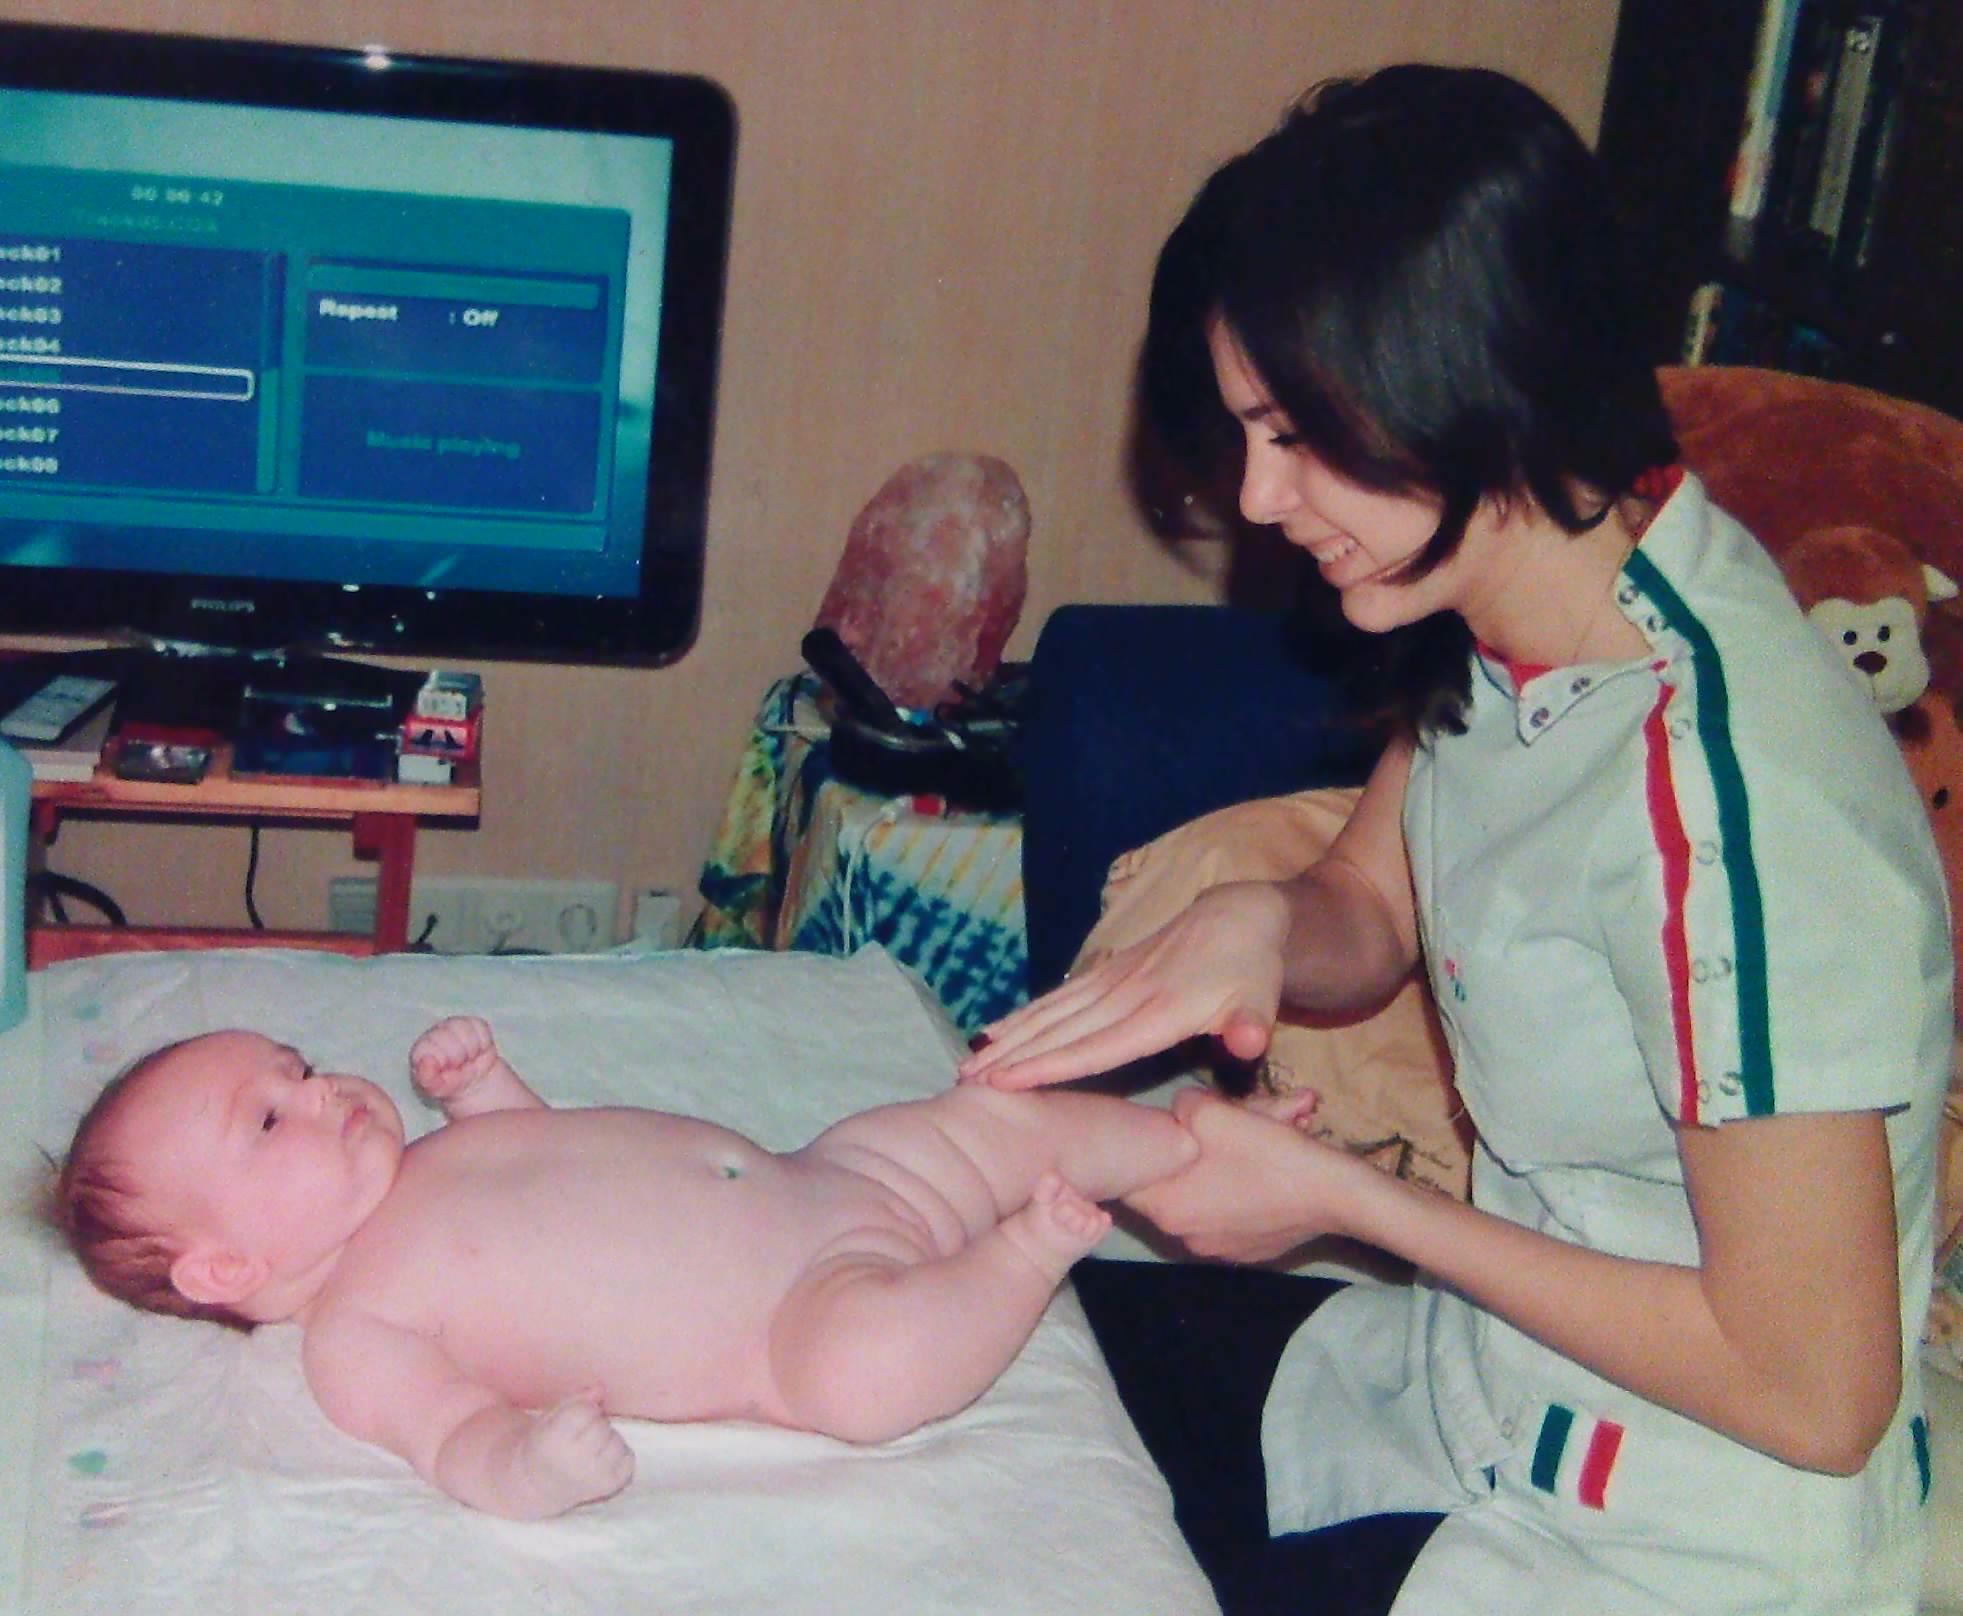 Детский массаж в Твери. Массаж на дому, массаж дети, массаж детей, массаж грудному ребенку, массаж ребенку, массаж до года